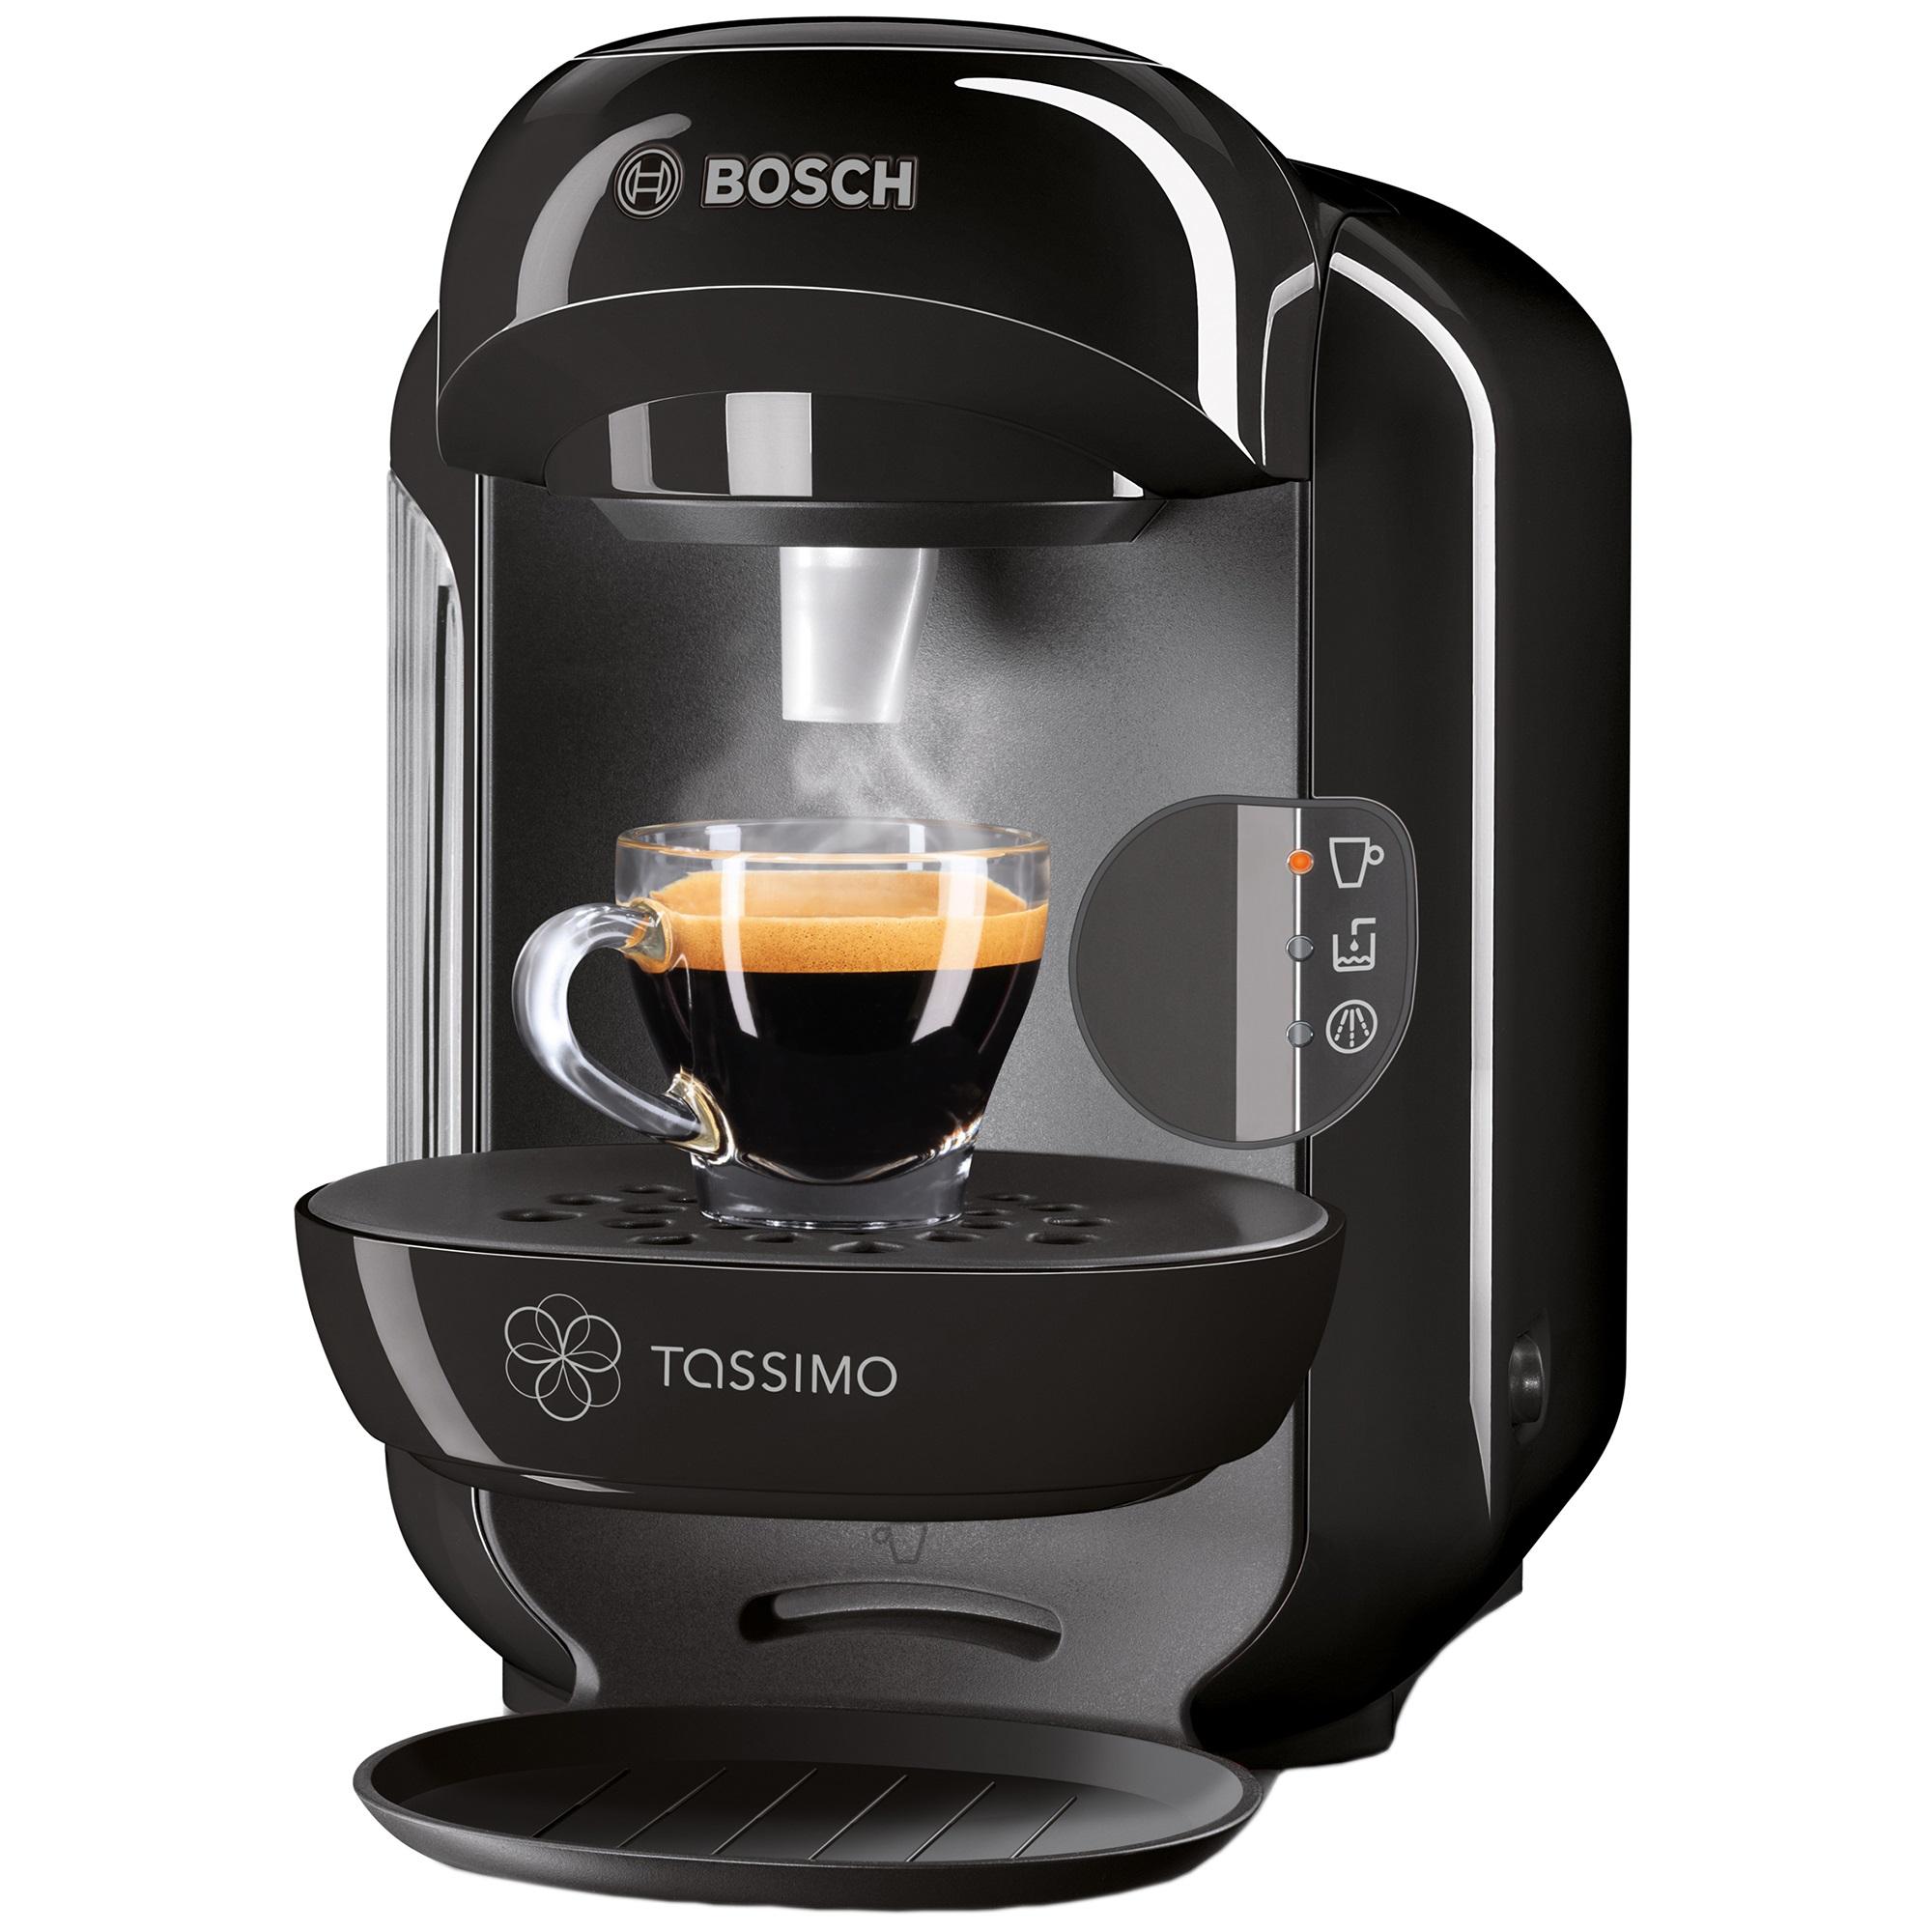 Machine à café Bosch Tassimo Vivy TAS1202 (30€ ODR)